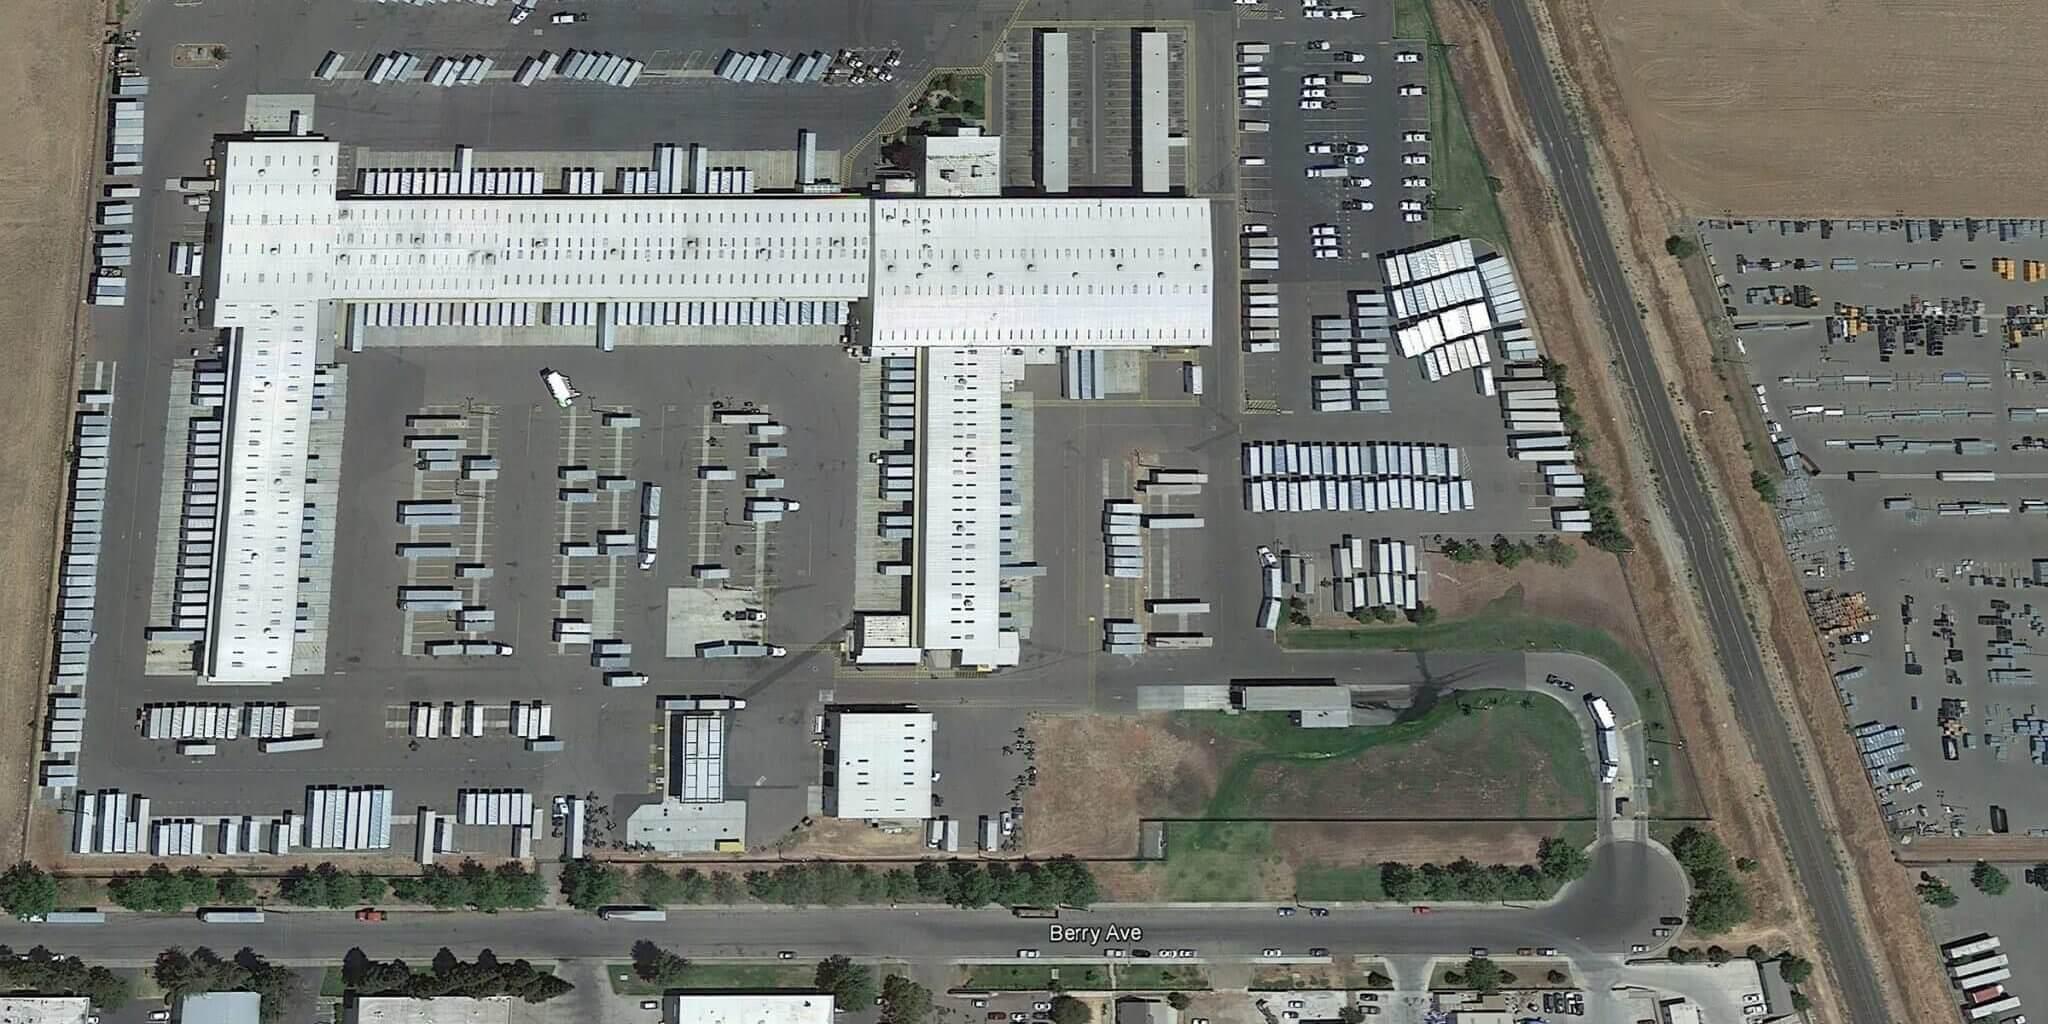 Fedex Hub Aerial